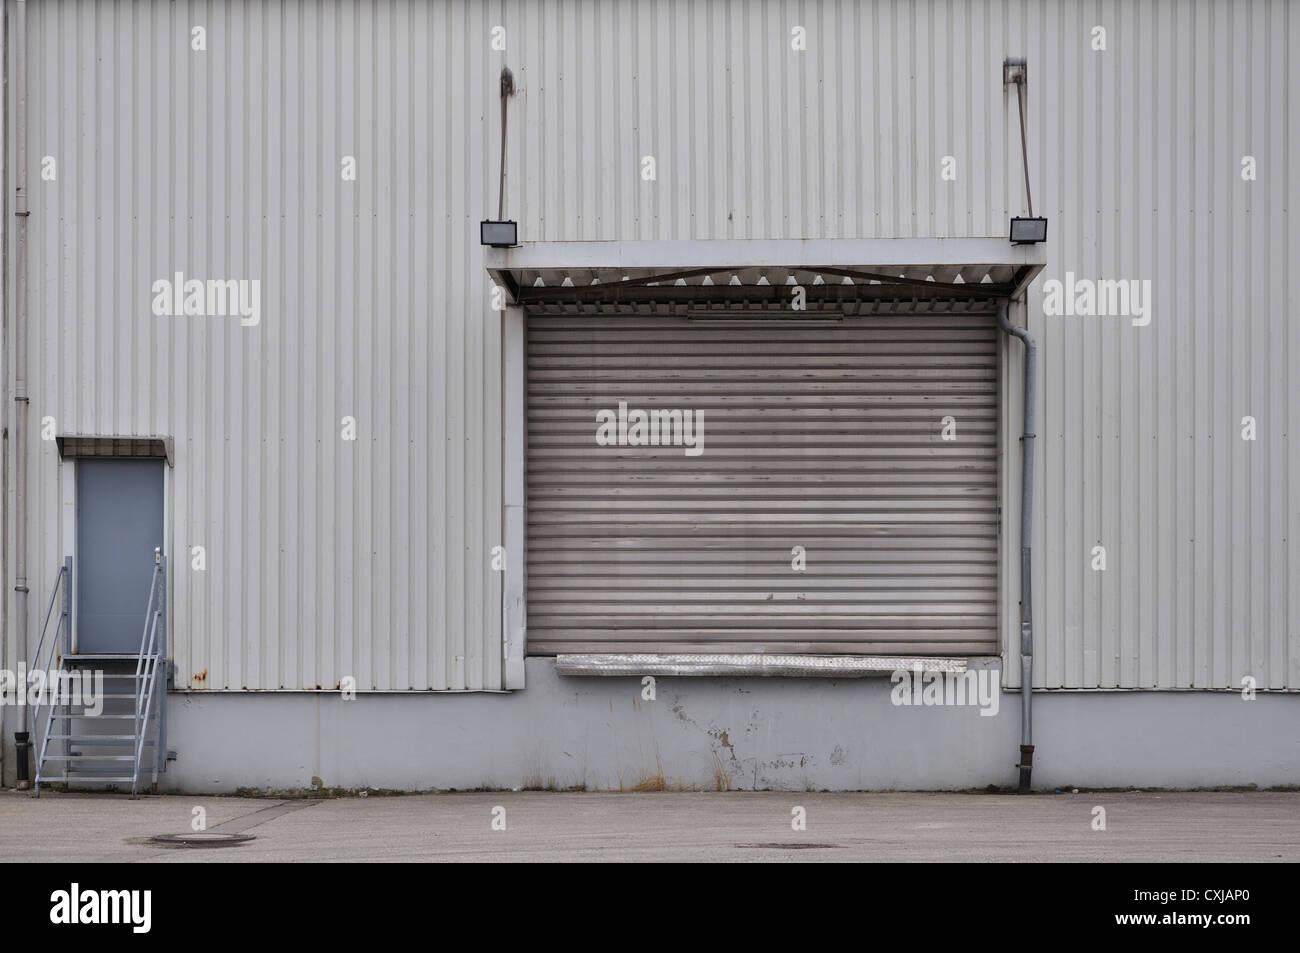 Deutschland, Bayern, Rampe Ausgabe des Fabrikgebäudes Stockbild